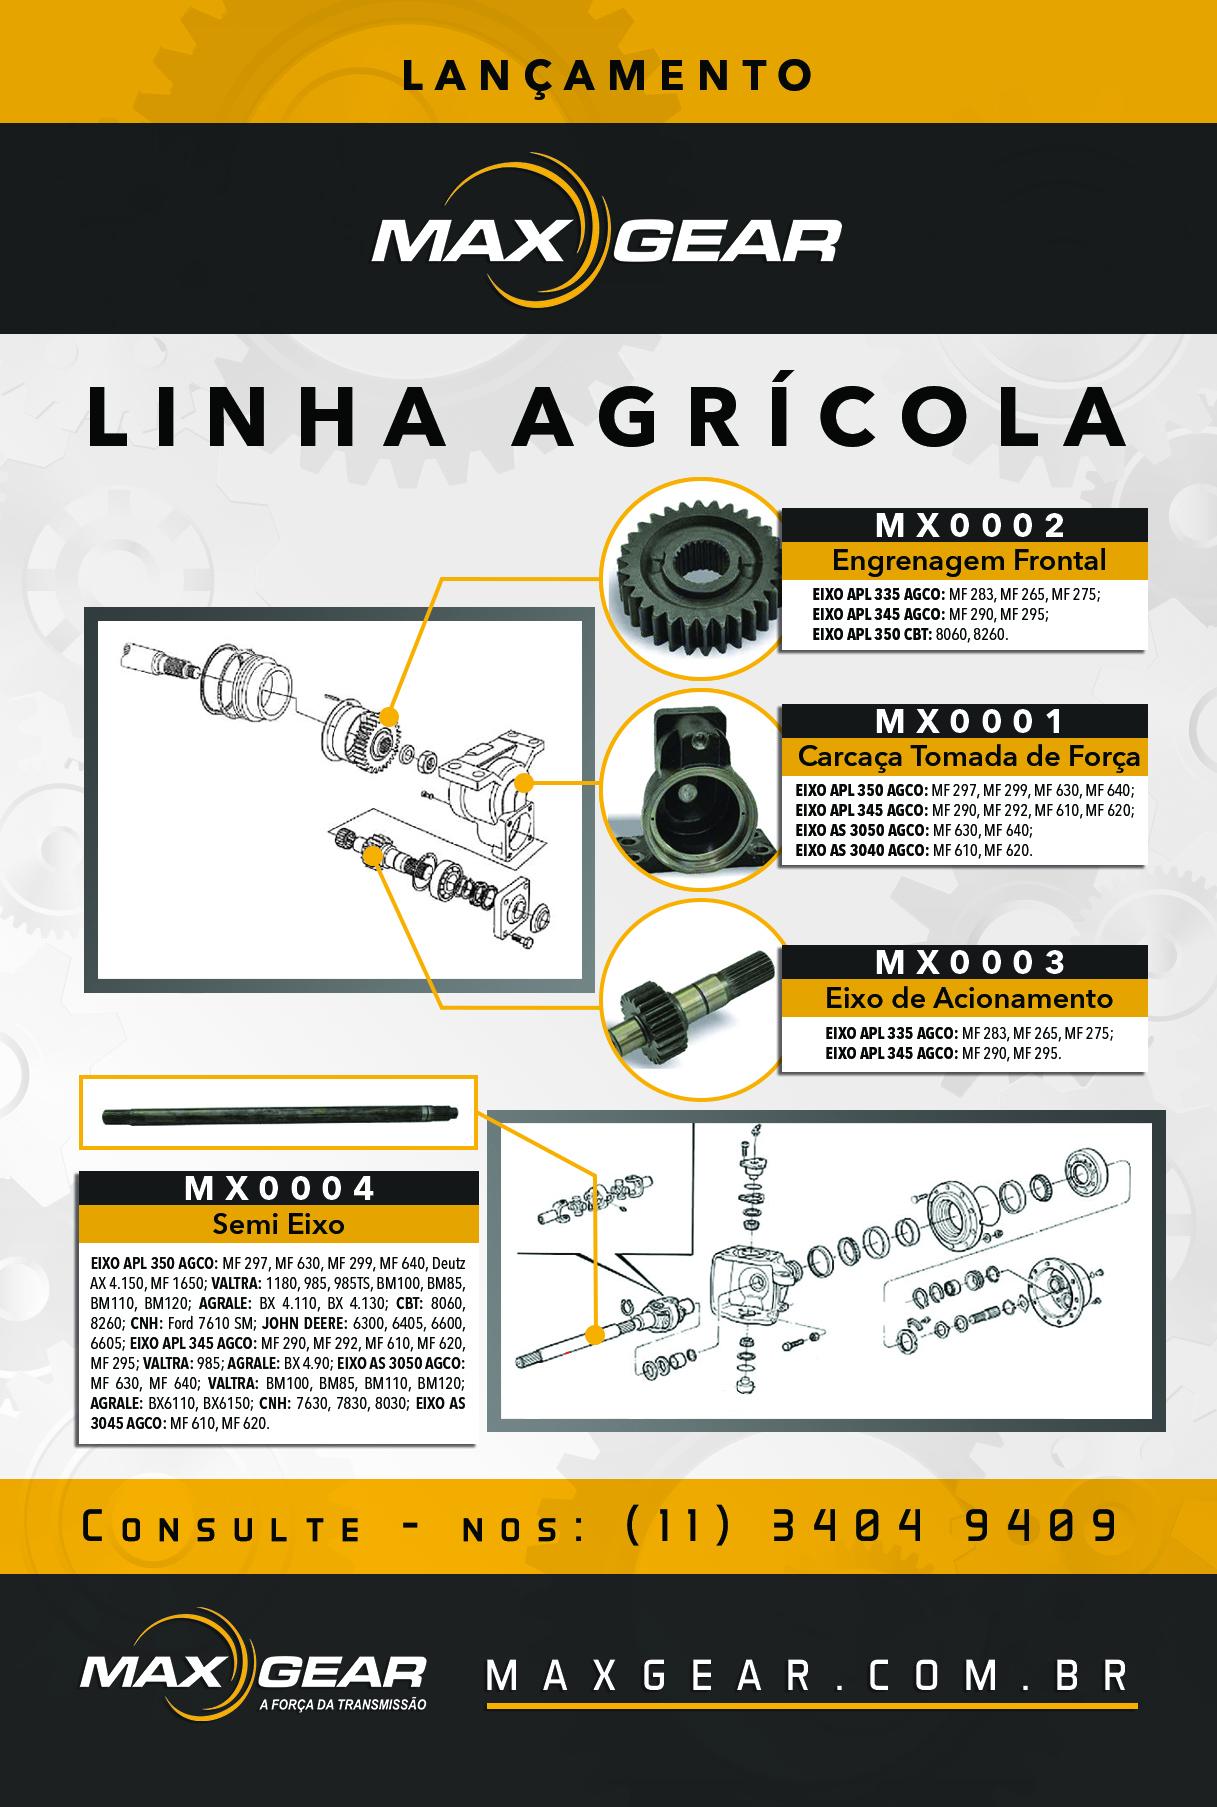 Lançamento Linha Agrícola